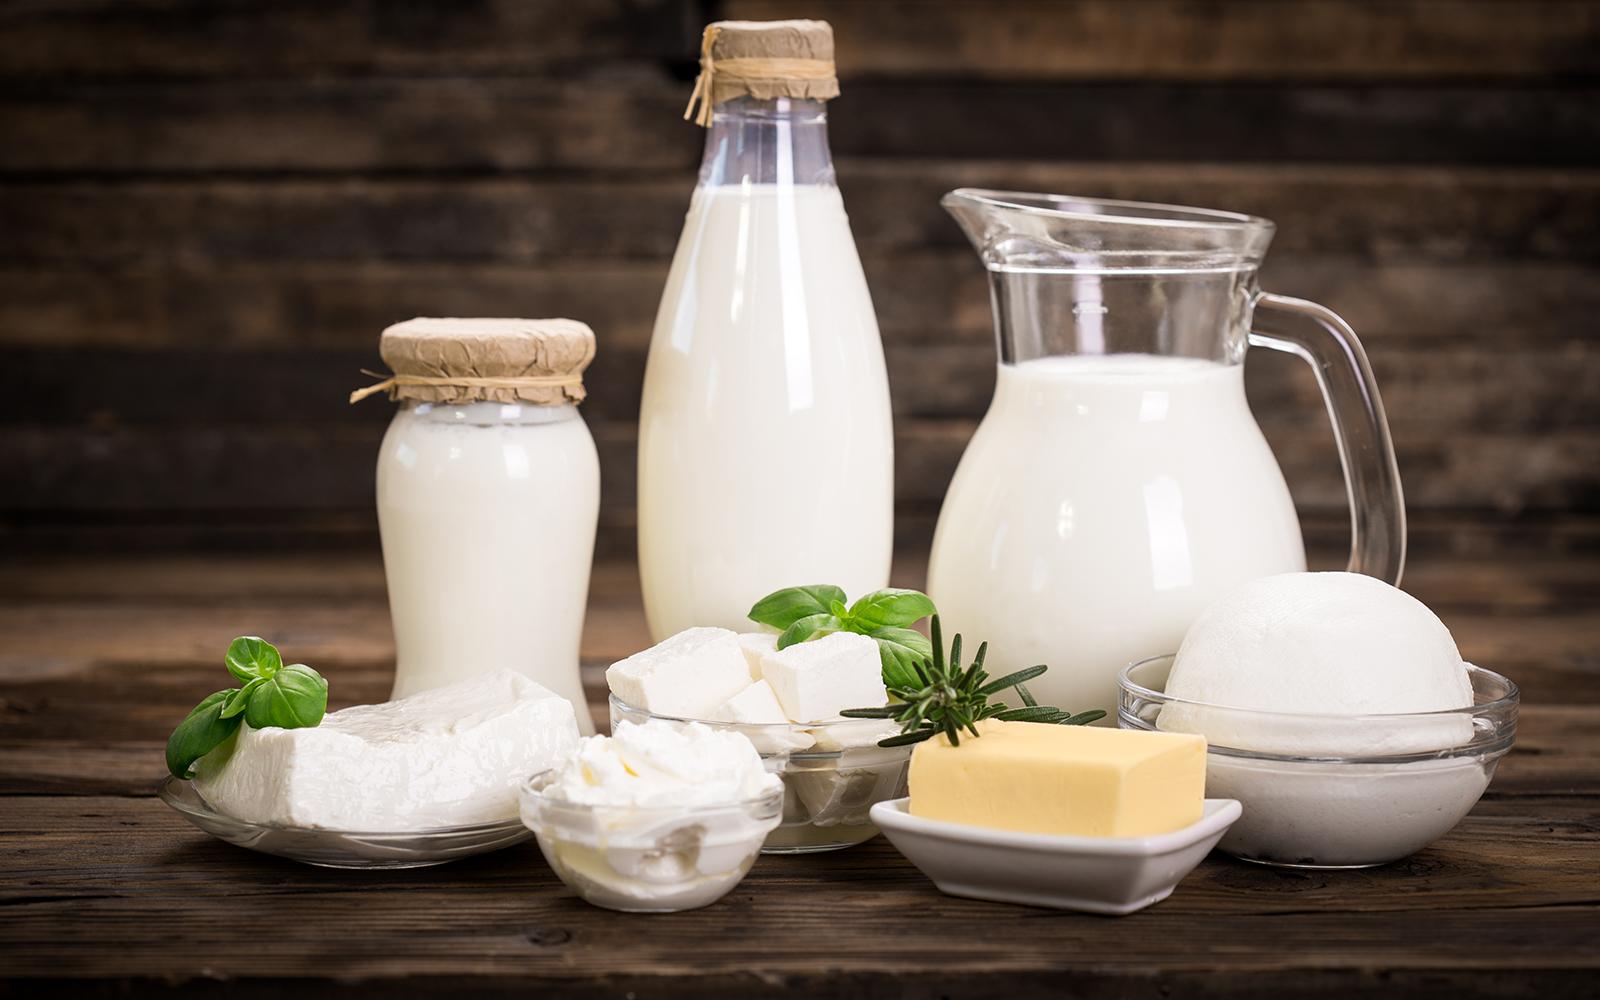 Микробиологическая оценка качества различных кисломолочных продуктов